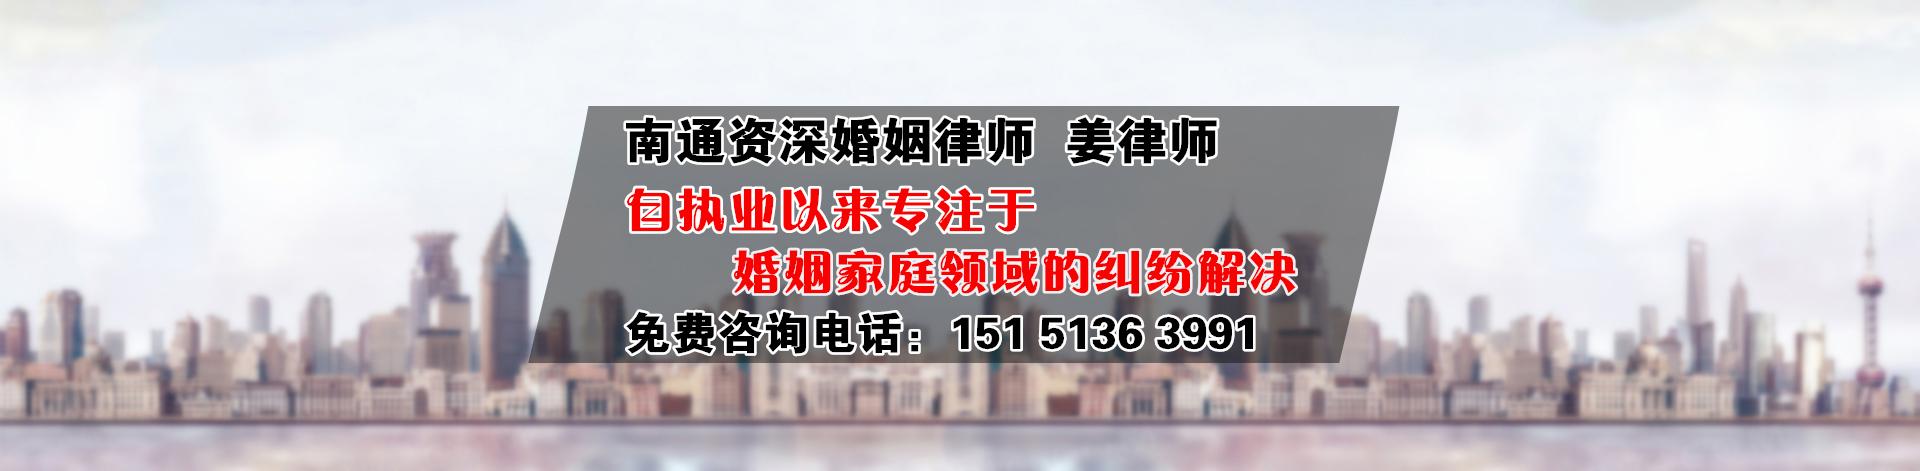 南通离婚律师姜律师:竭诚保护当事人合法权益